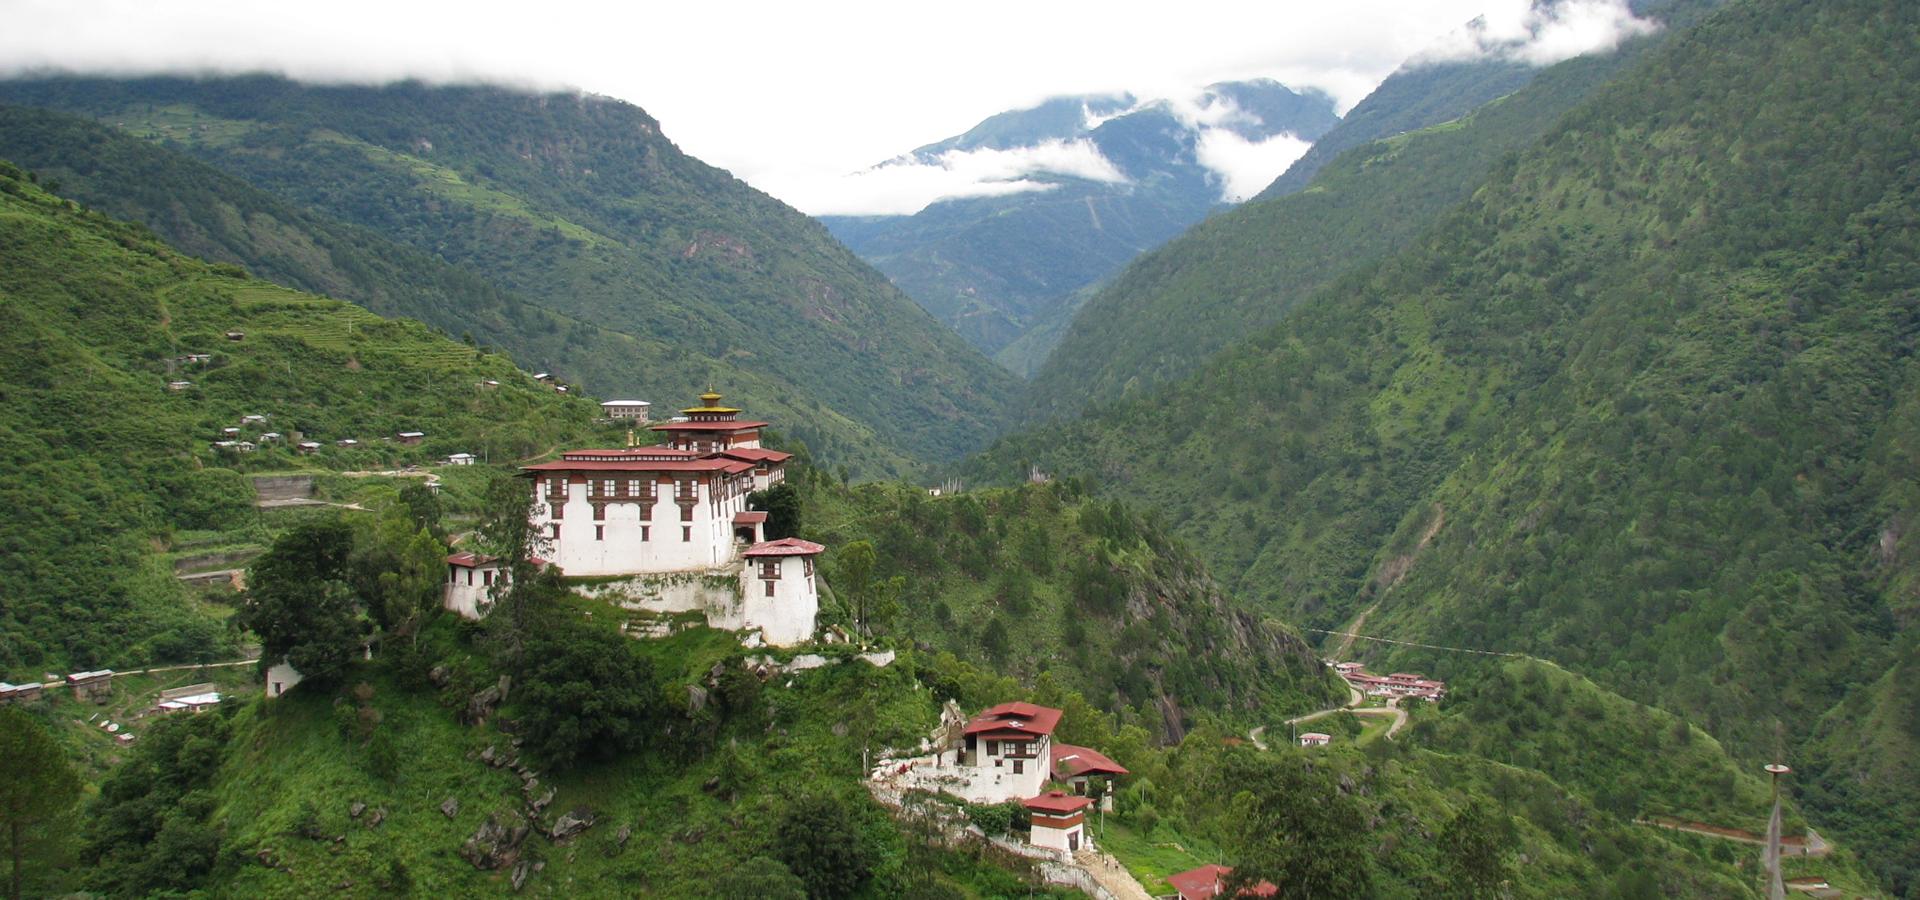 Peer-to-peer advisory in Thimphu, Bhutan